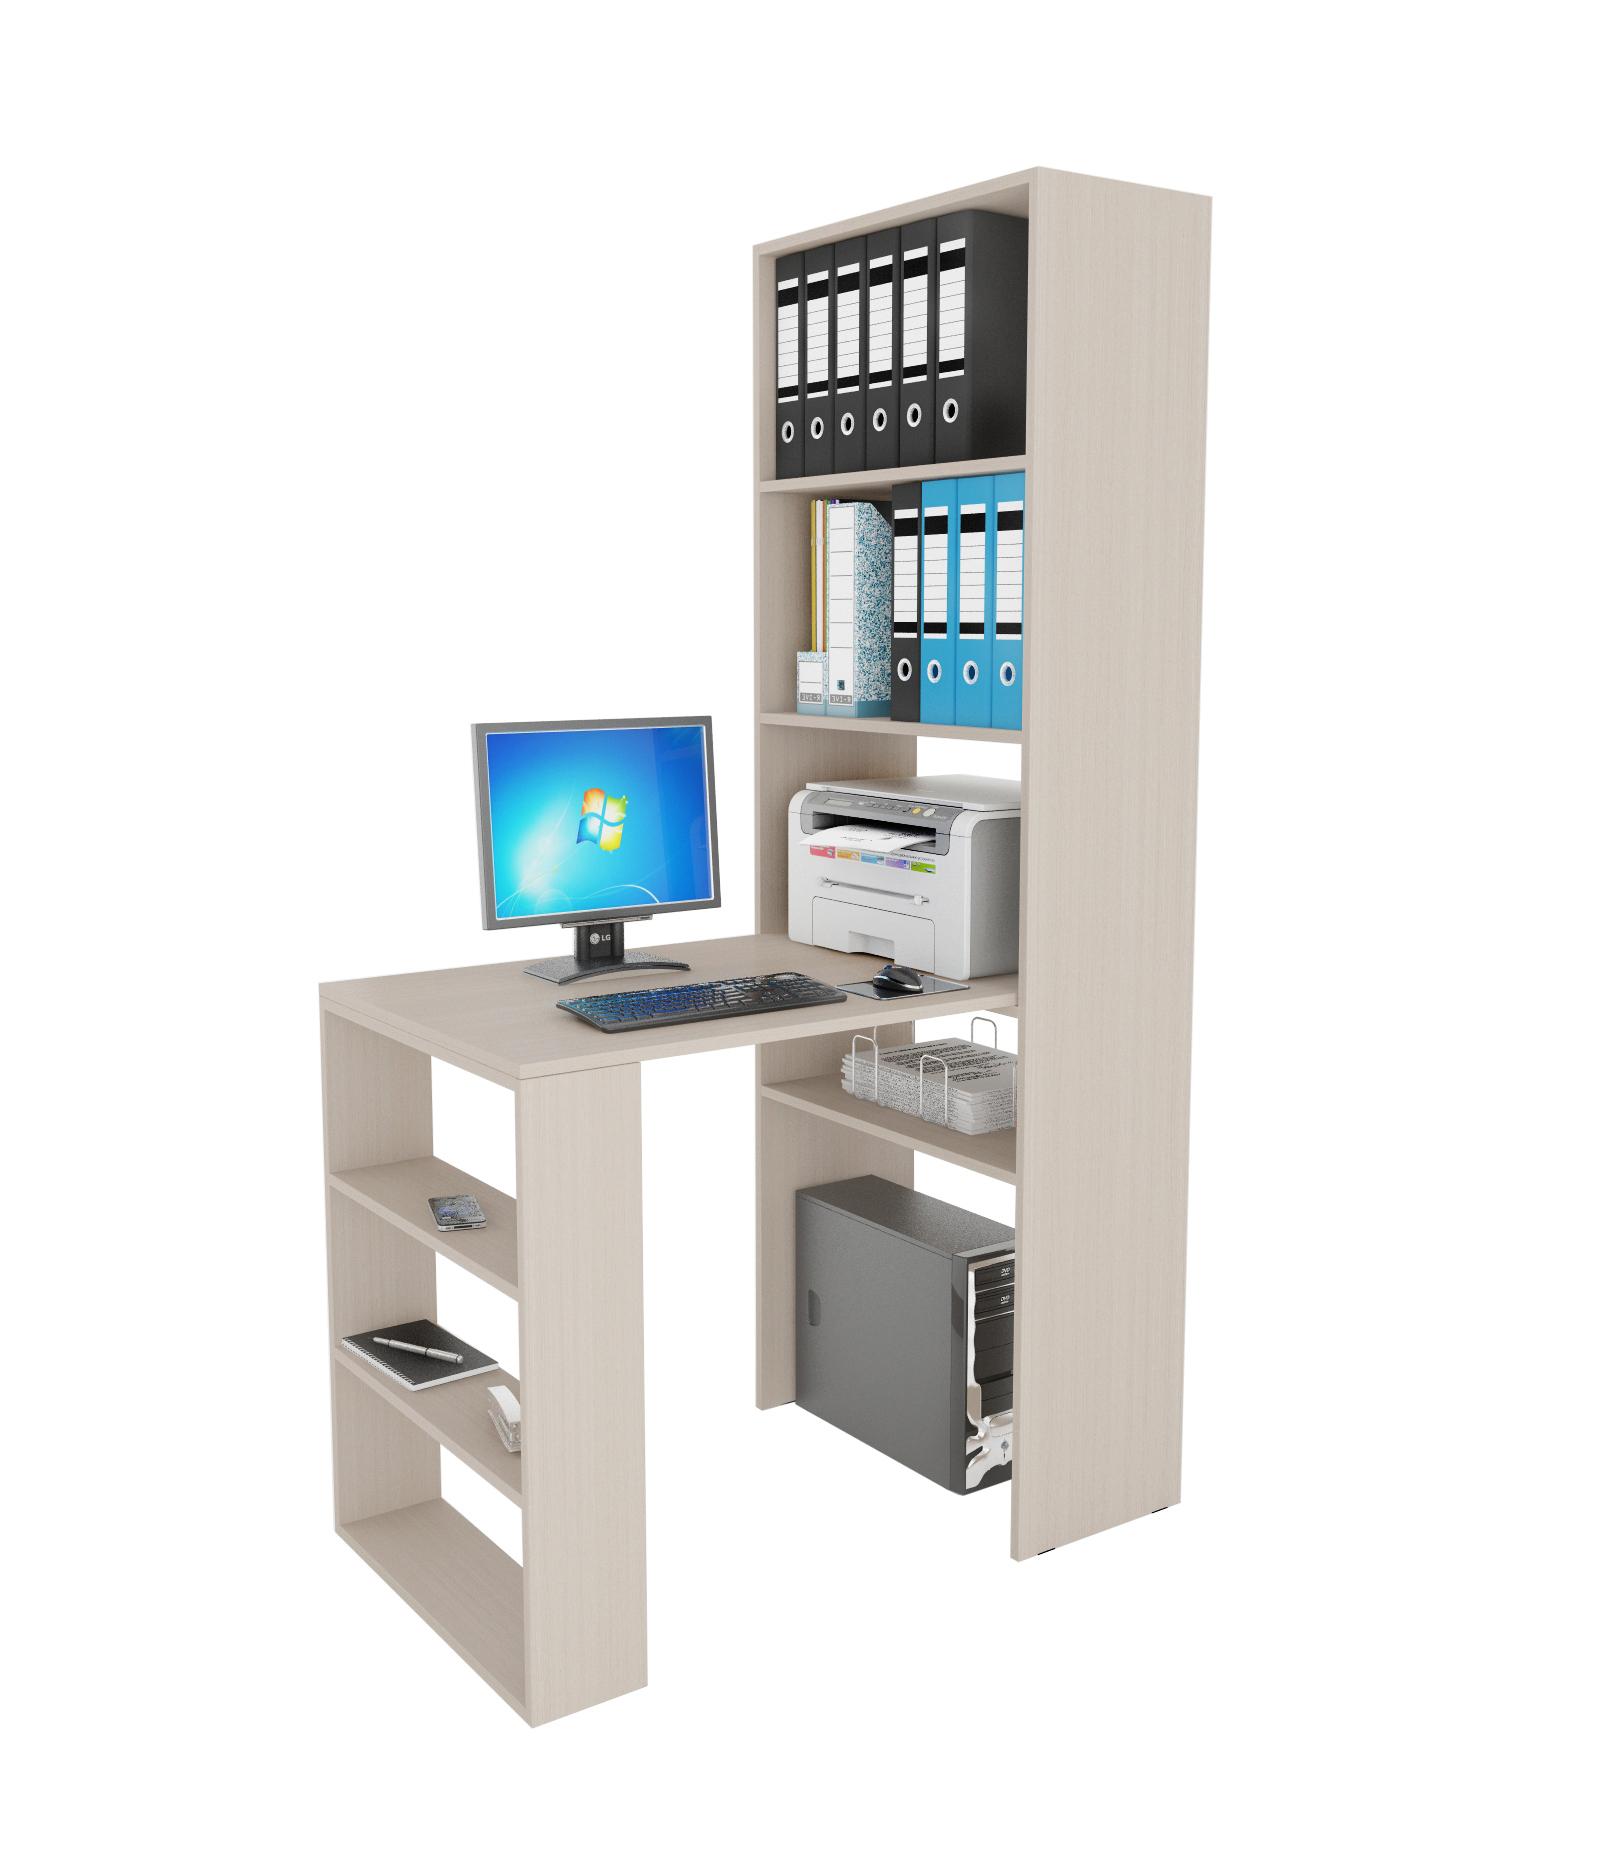 Компьютерный стол в комплекте МФ Мастер Рикс-4+Рикс-5 110x63,2x177, дуб молочный